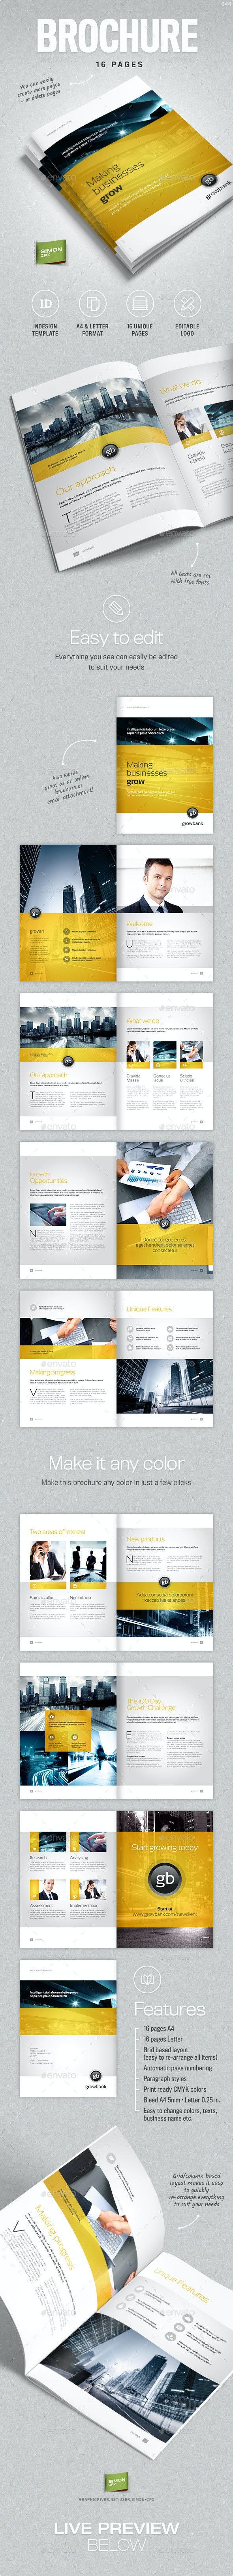 Business Brochure Vol. 8 - Corporate Brochures